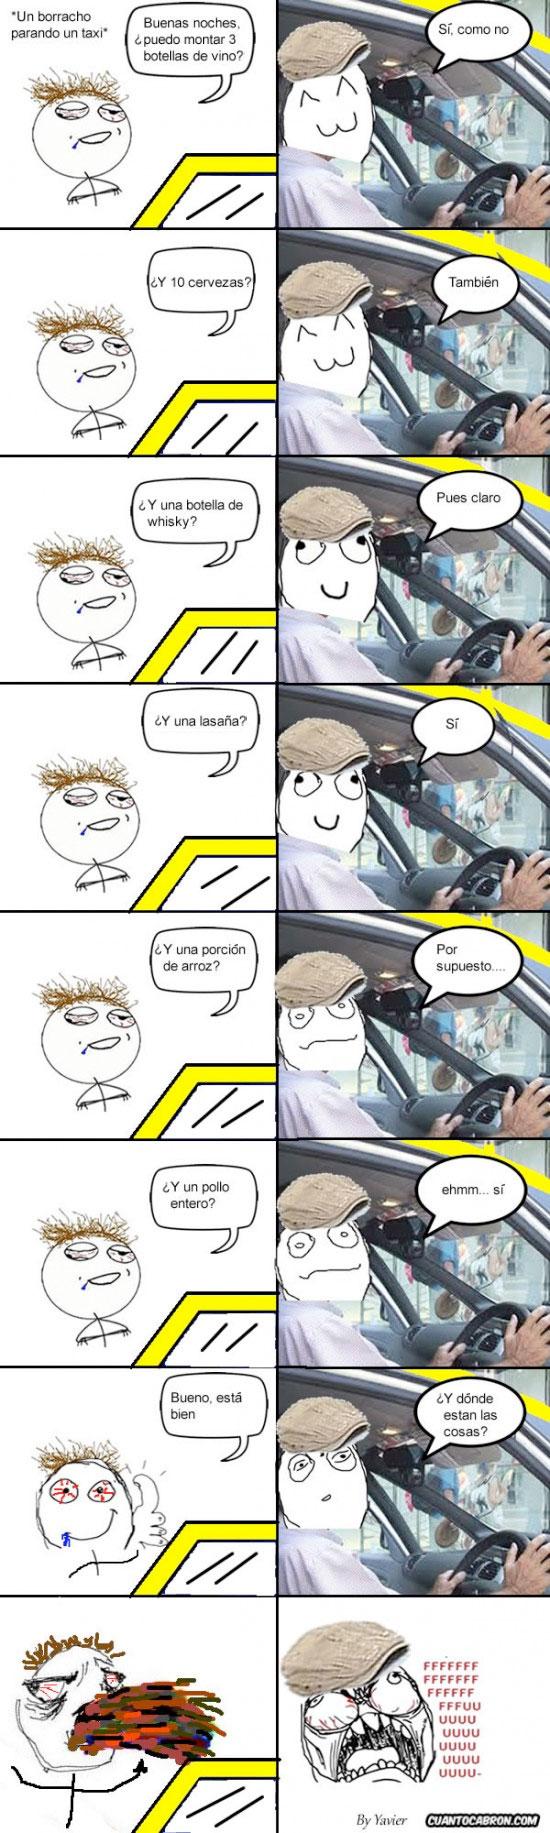 Ffffuuuuuuuuuu - El Taxi